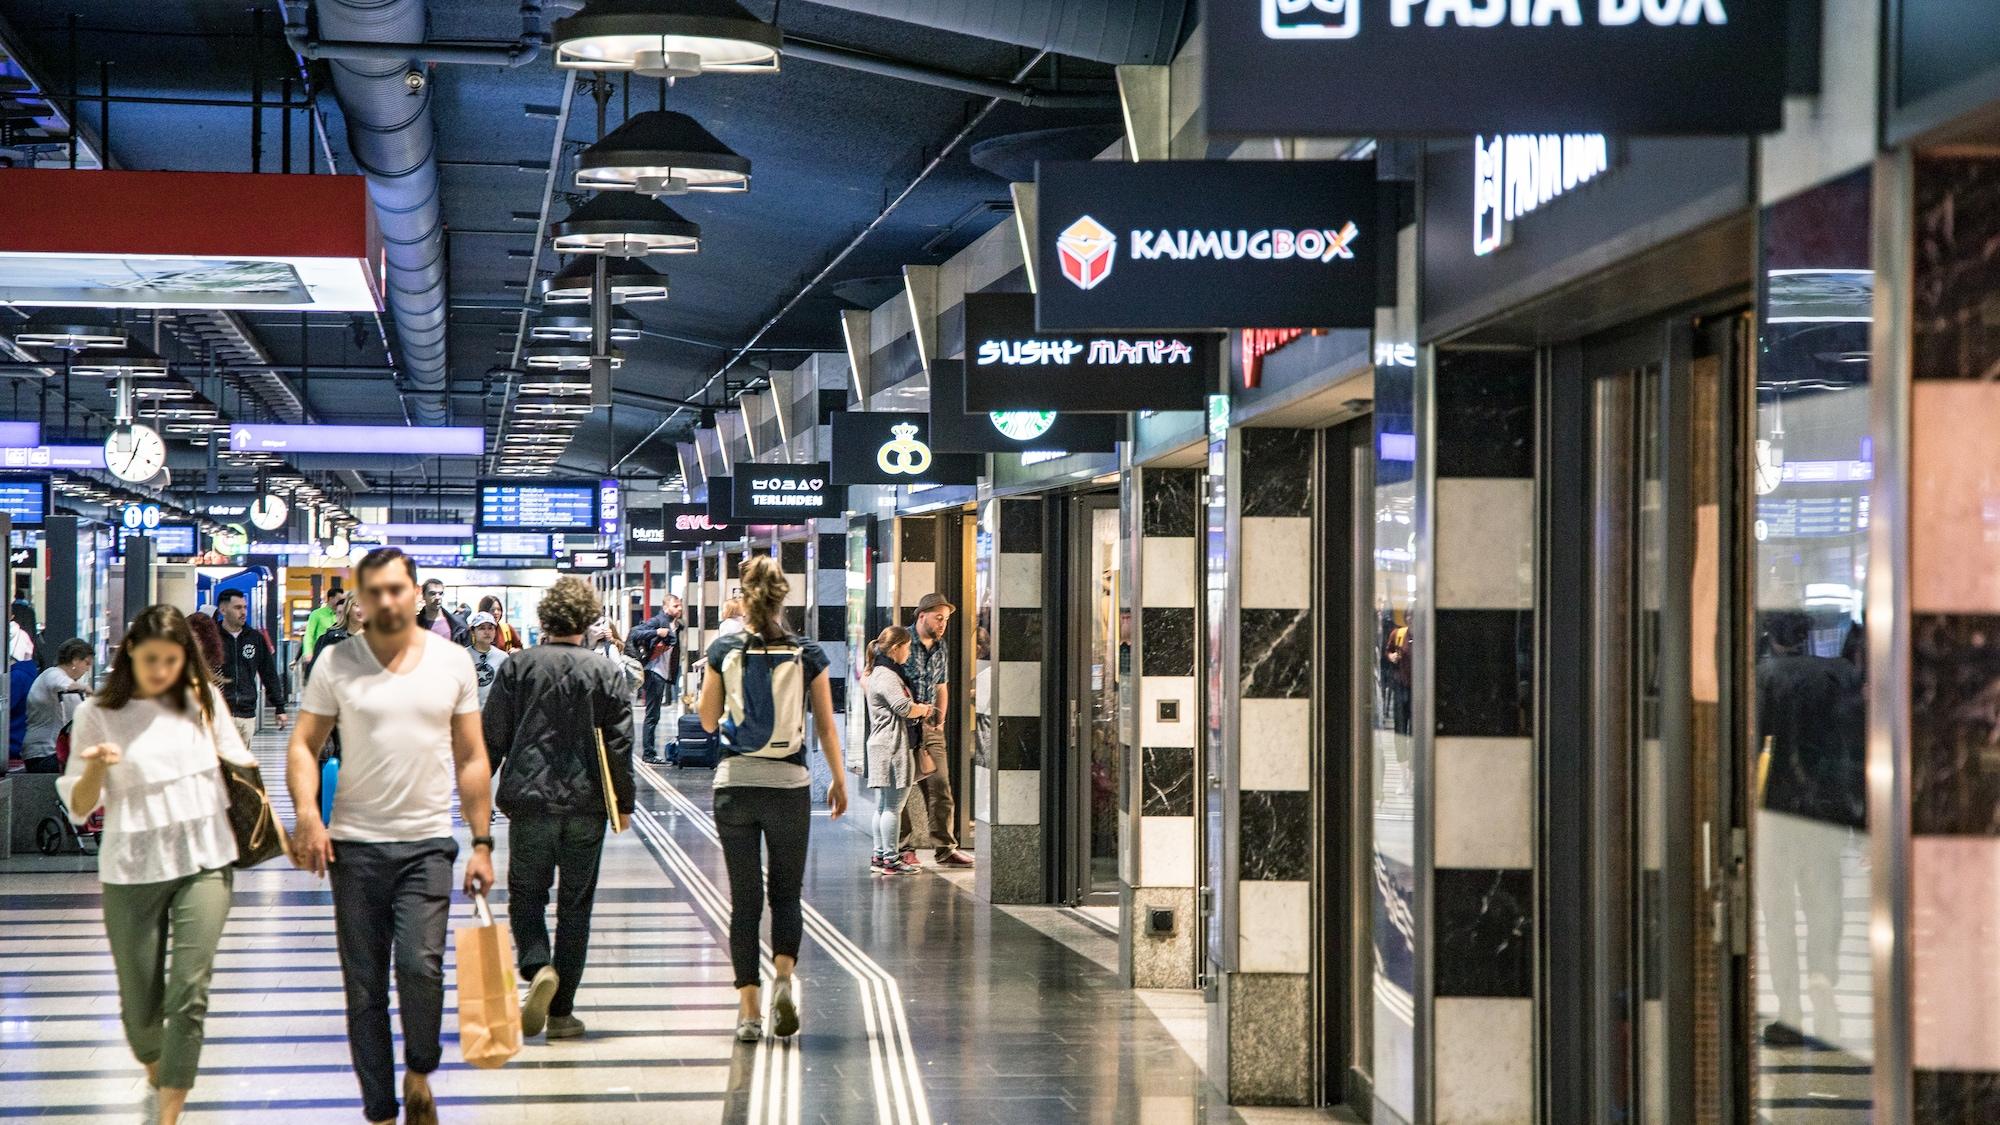 Bahnhöfe werden mit Musik beschallt: SBB wollen mit Musik die Shopping-Laune heben